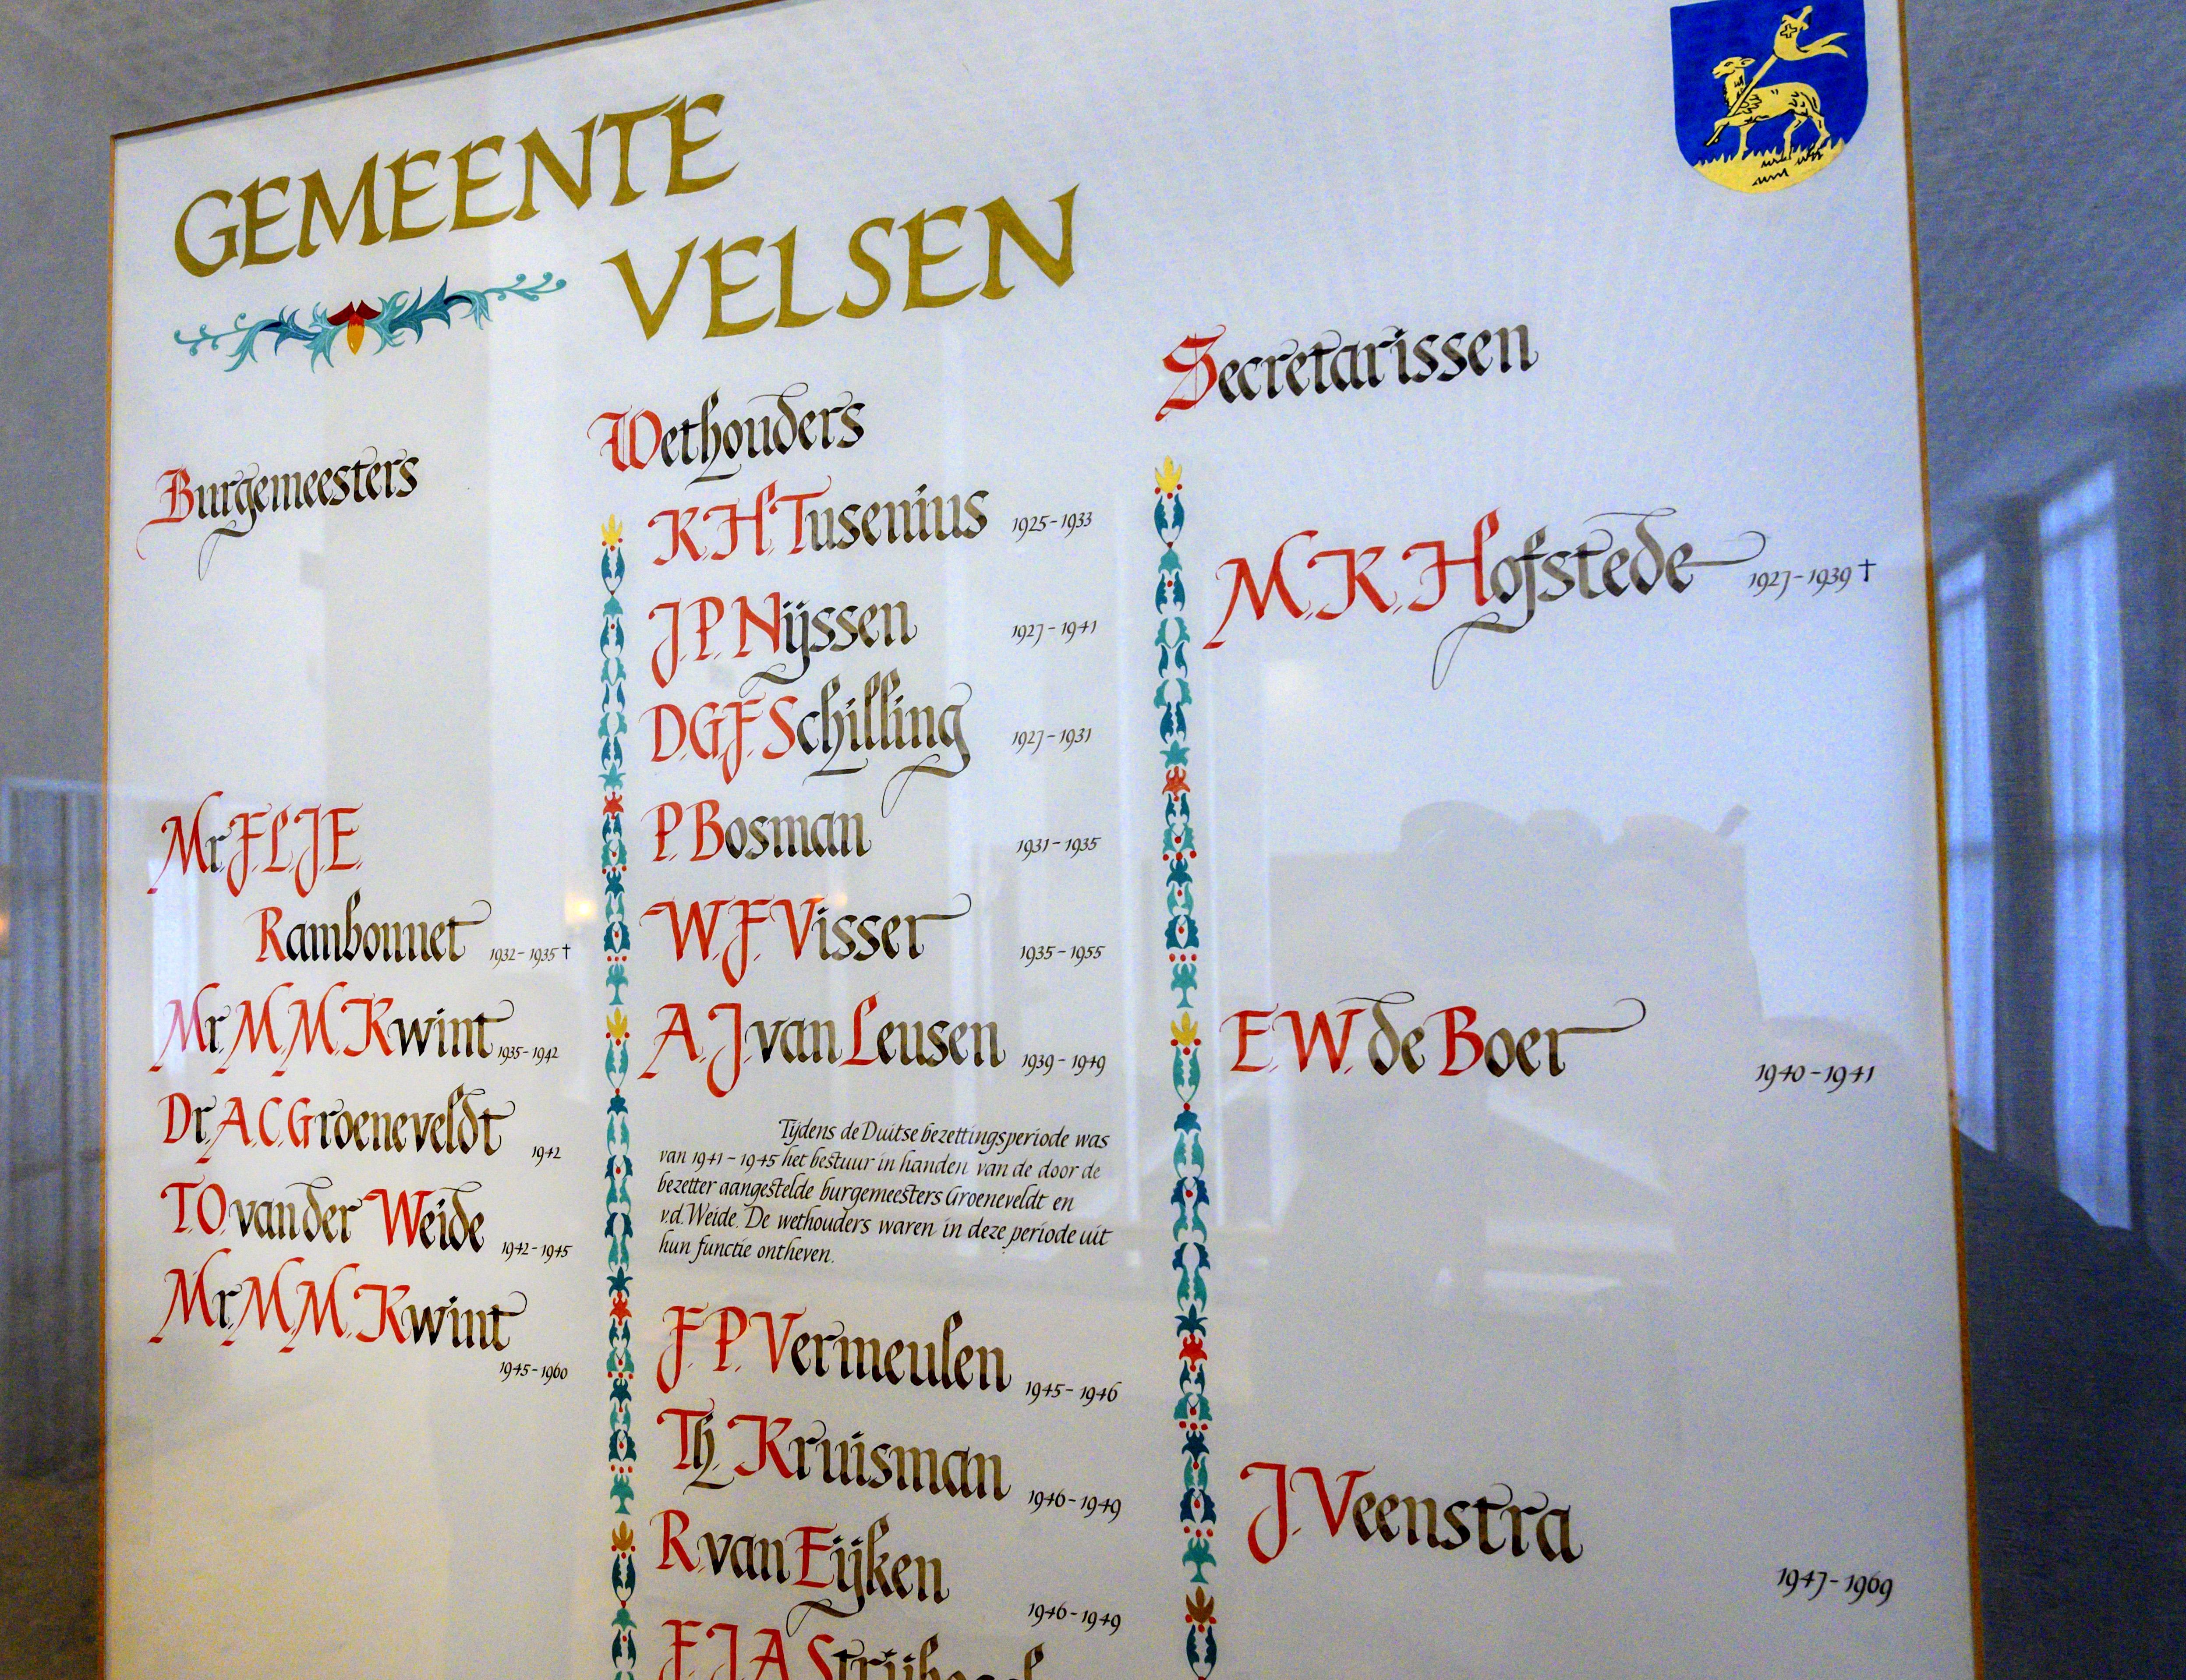 De Velsense NSB-burgemeester Tjeerd van der Weide vond zichzelf 'mans genoeg' om het verzet eigenhandig 'in de kiem te smoren'